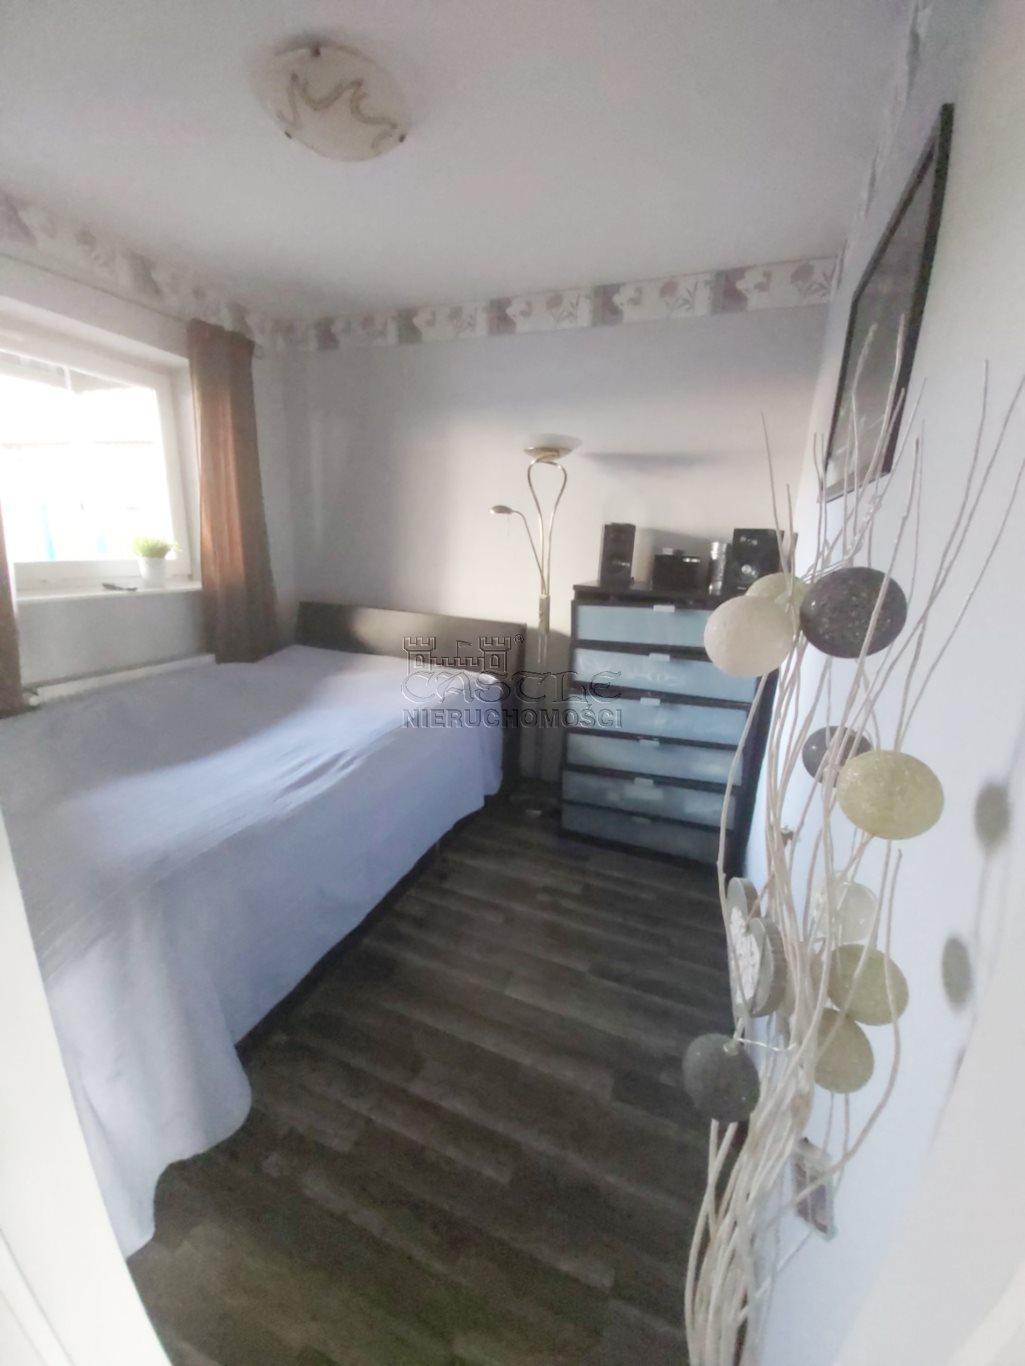 Dom na sprzedaż Poznań, Nowe Miasto, Starołęka Mała, poznań  100m2 Foto 14